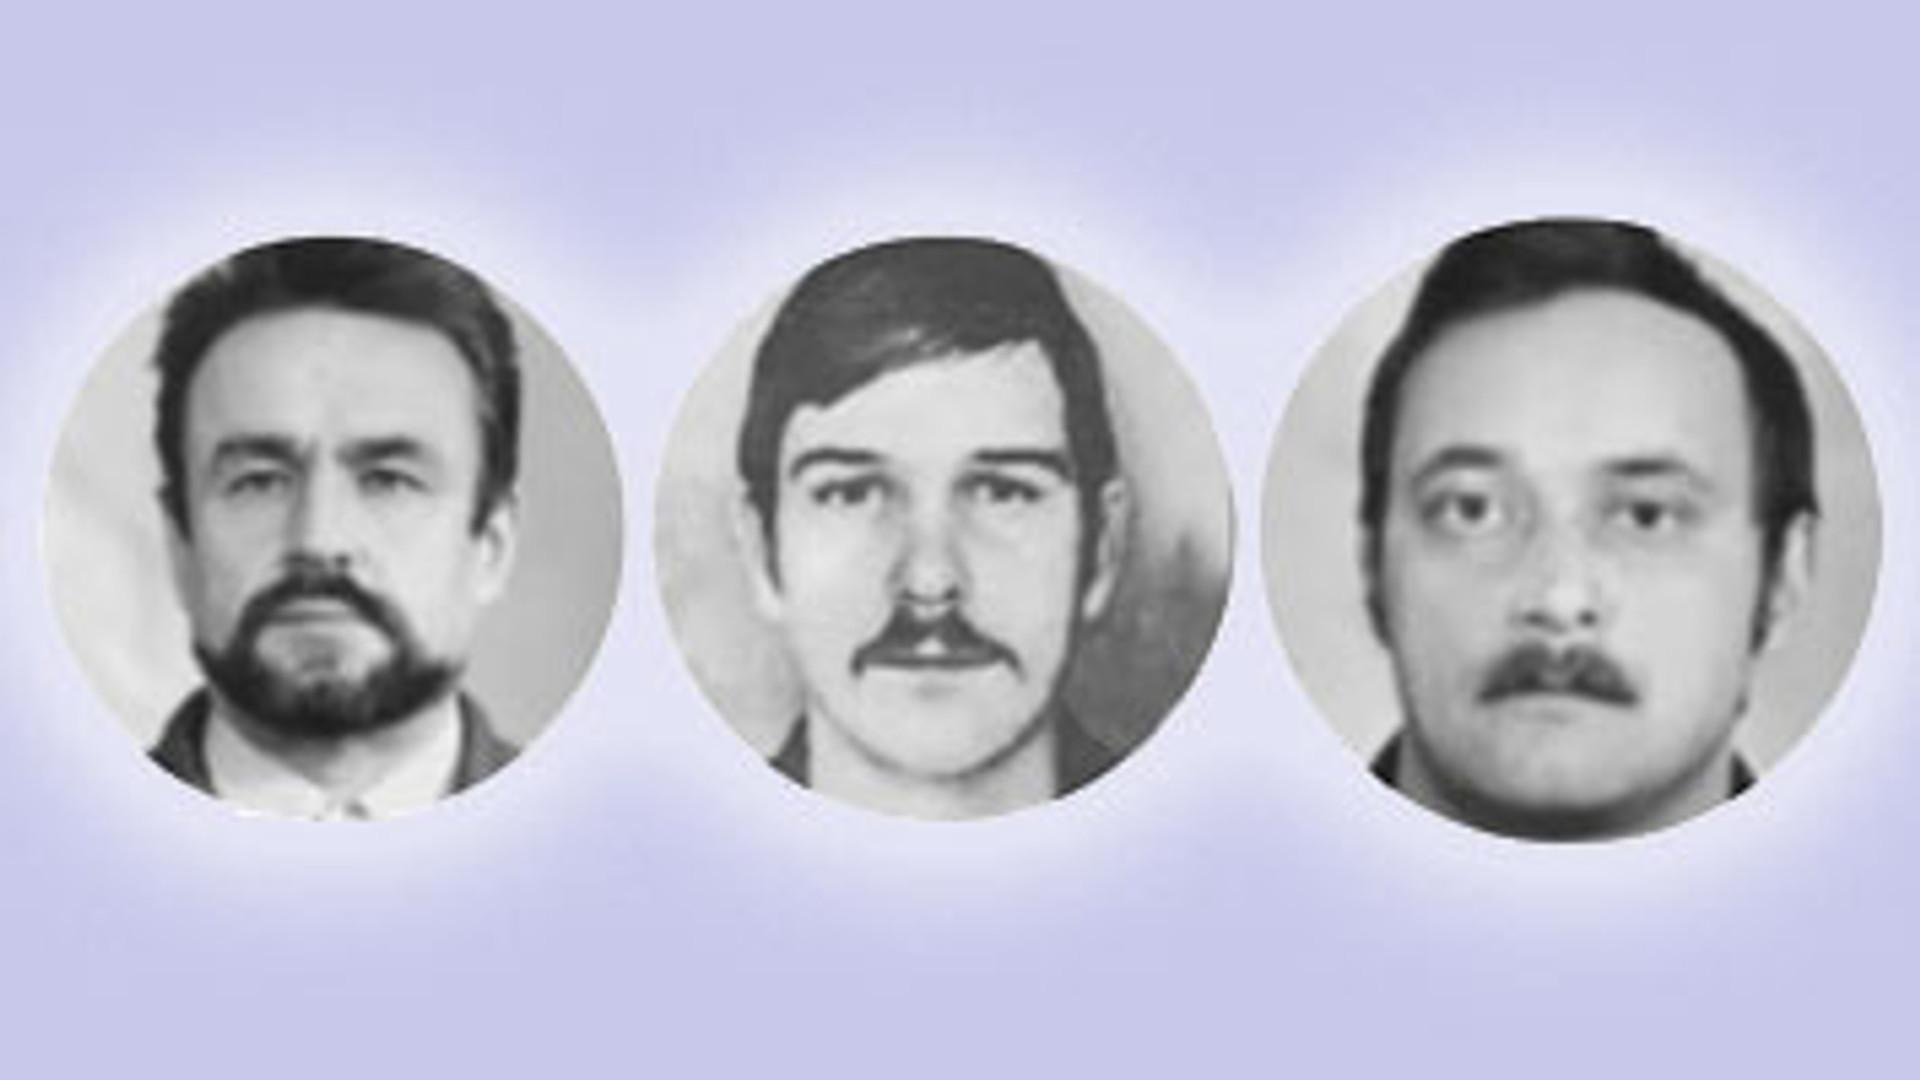 Герои Чернобыля: Баранов, Беспалов, Ананенко.